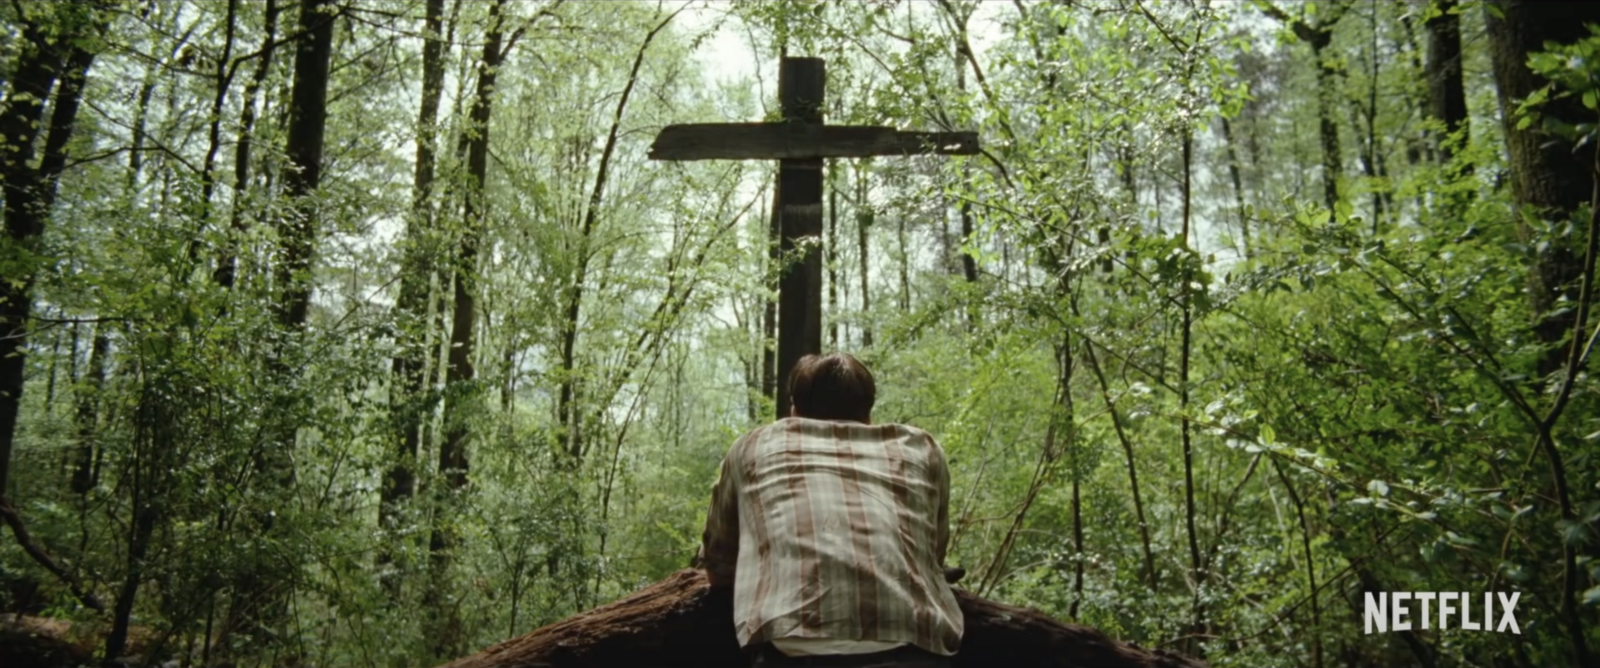 Ben Skarsgard in Netflix's The Devil All the Time